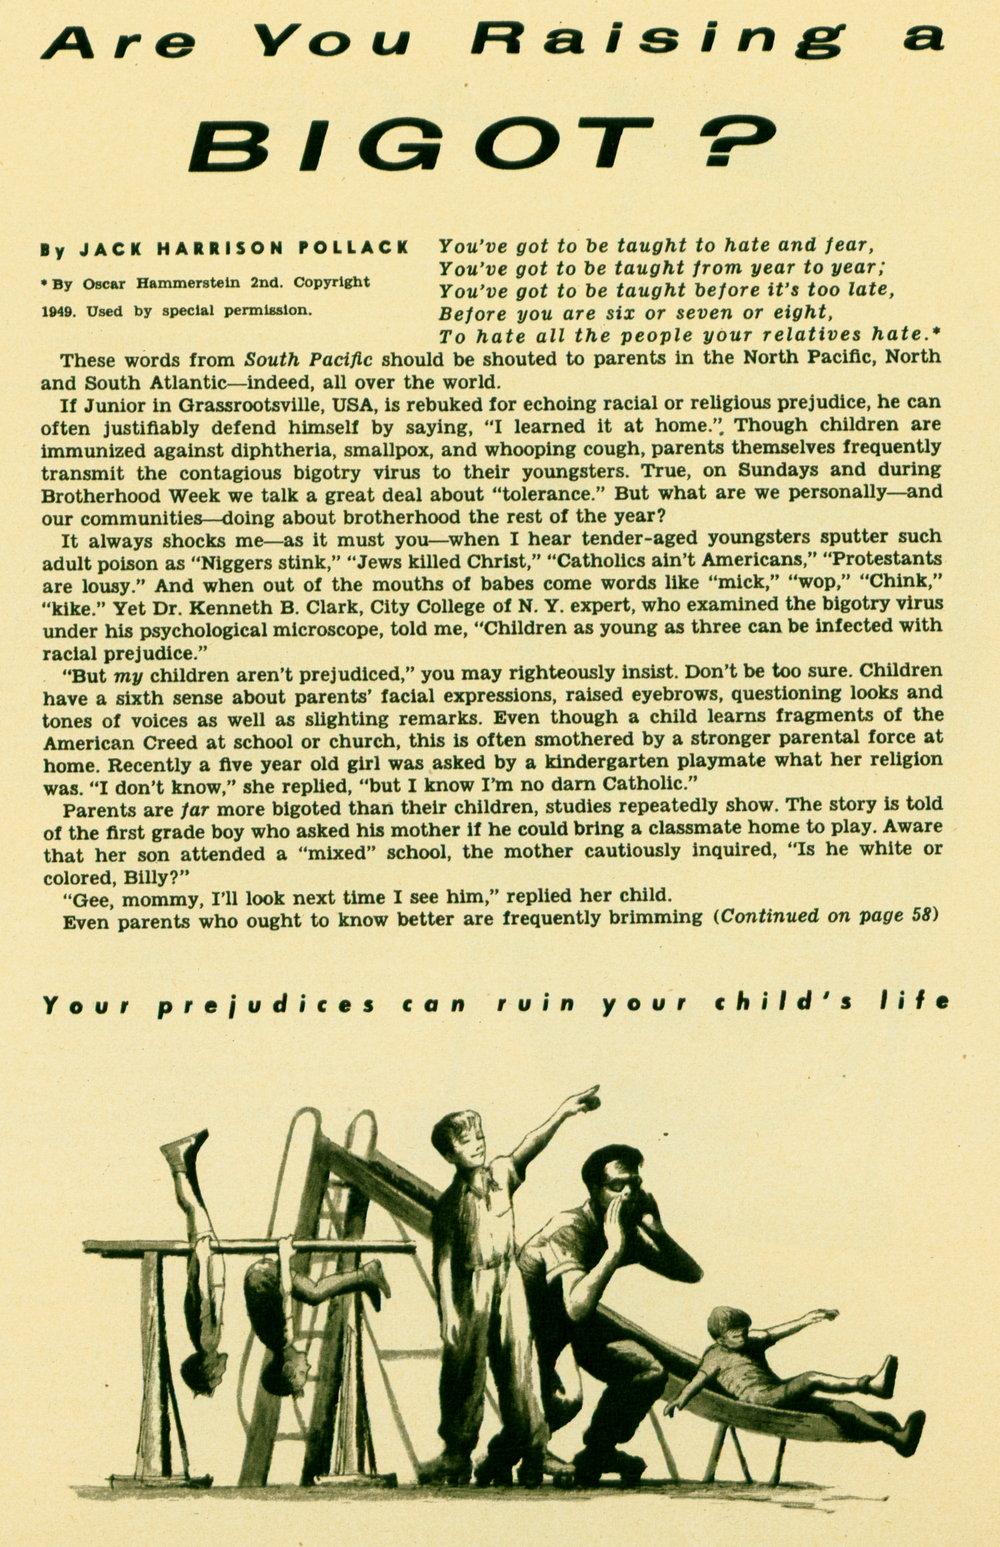 October 1953 - Are You Raising a Bigot?